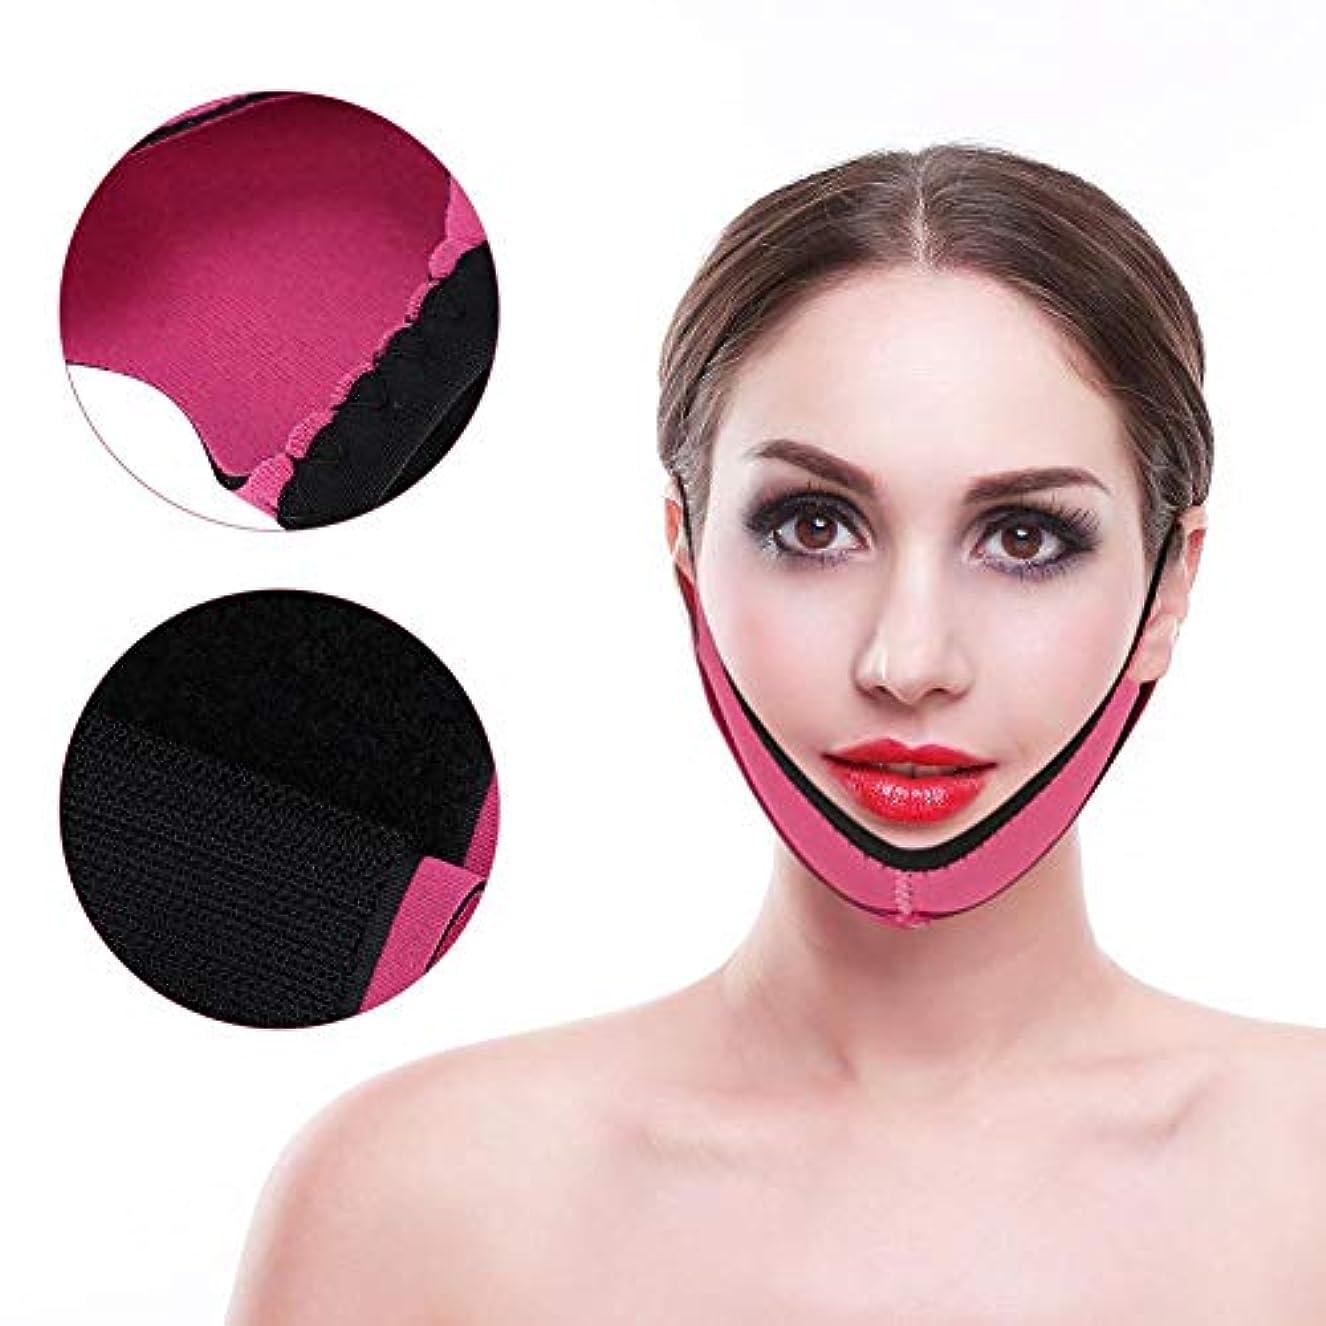 ヤング吸収まさにVフェイスラインベルト、超薄型ストラップバンドVフェイスラインベルトは、二重あごと顔面筋の弛緩を効果的に改善します。